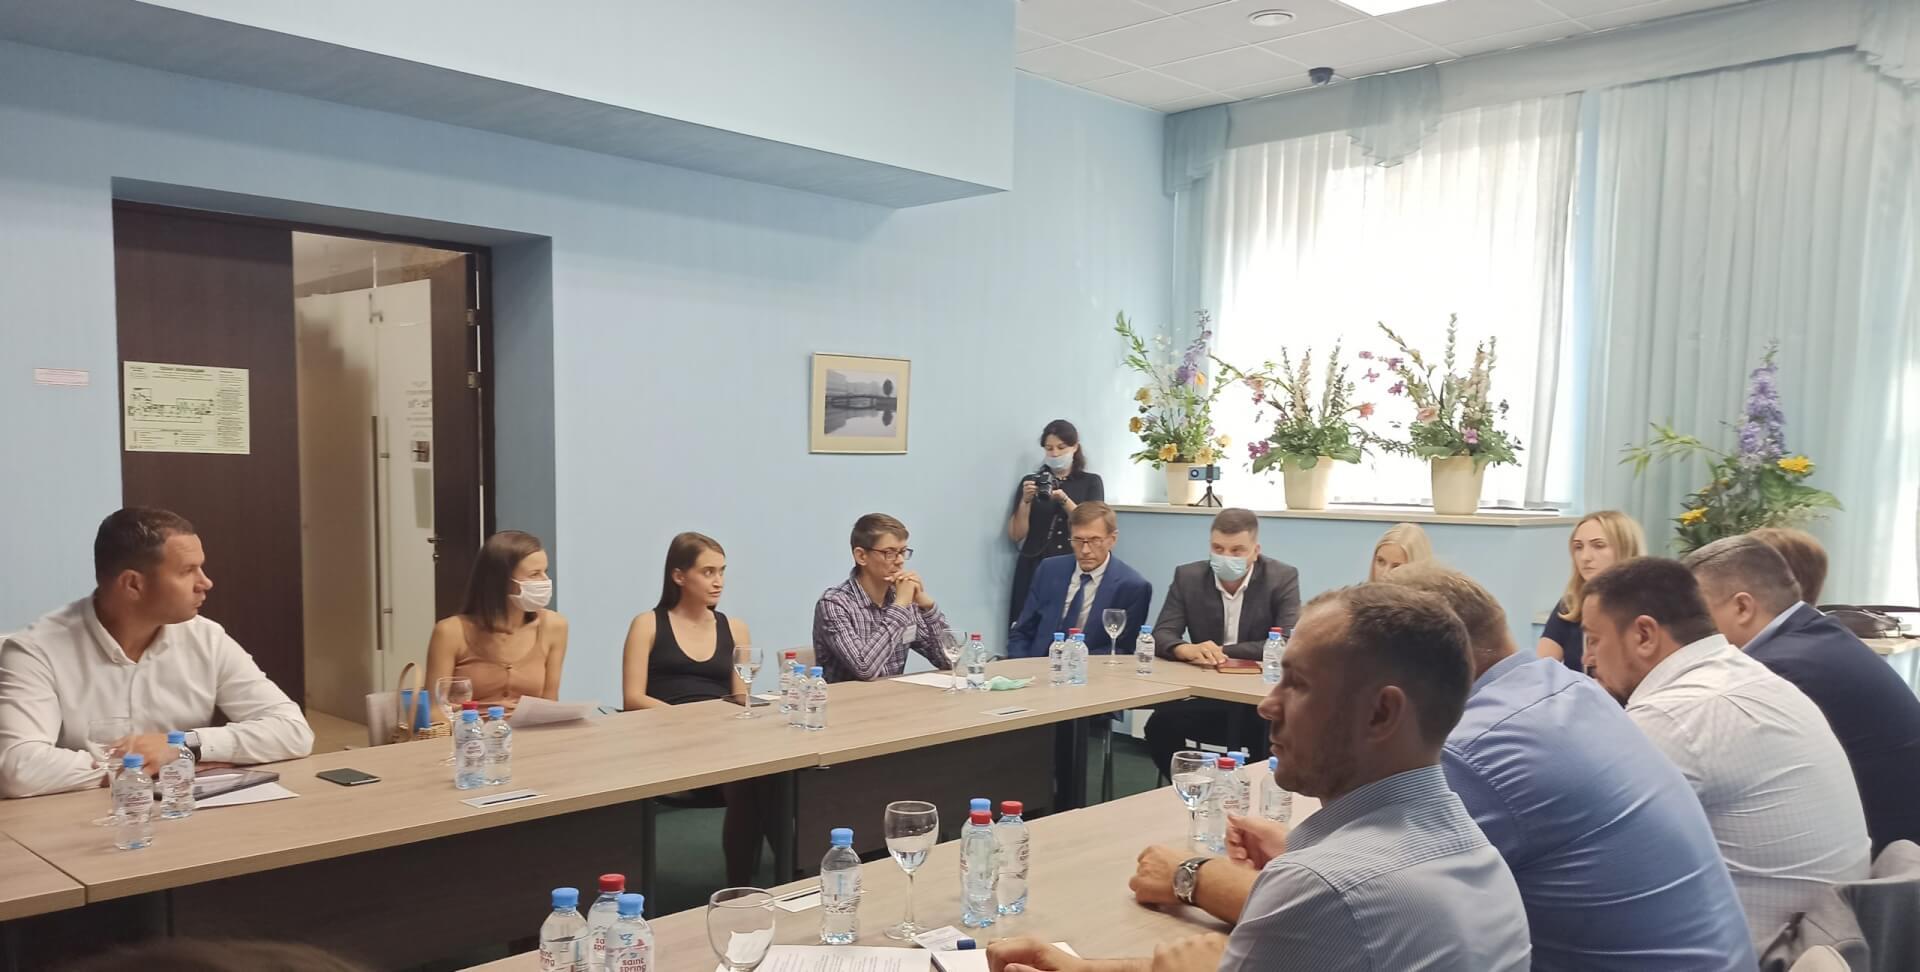 «ЮрФиИнвест» принял участие во встрече ломозаготовителей и властей Санкт-Петербурга. Эксперты обсудили отраслевые проблемы